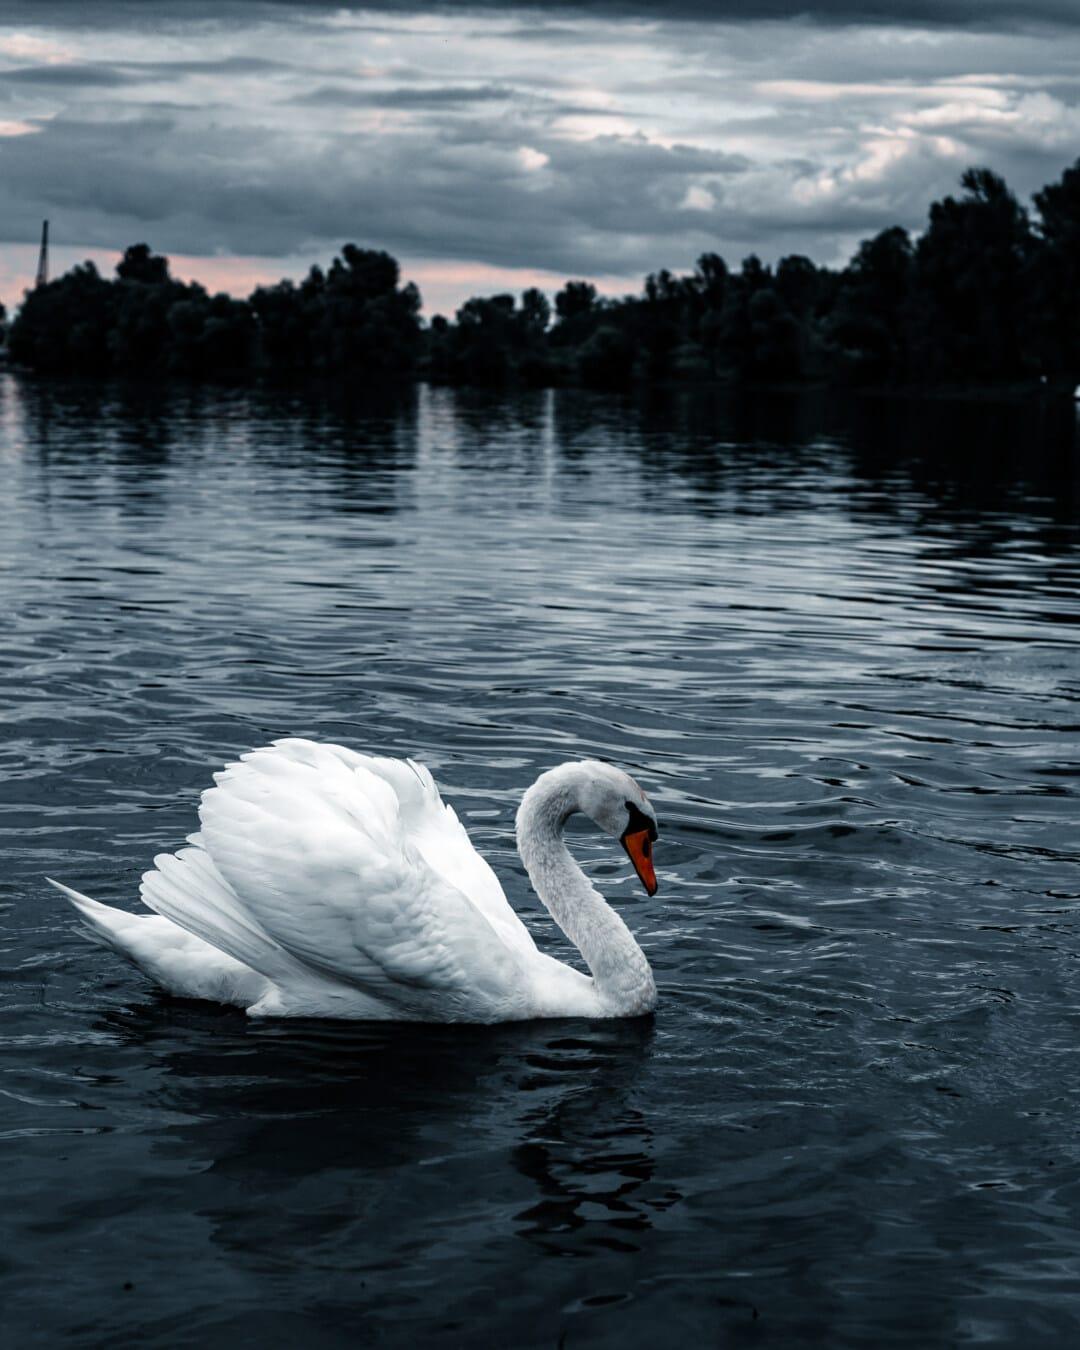 labuť, majestátne, milosť, vták, veľkolepé, idylické, Príroda, voľne žijúcich živočíchov, jazero, reflexie